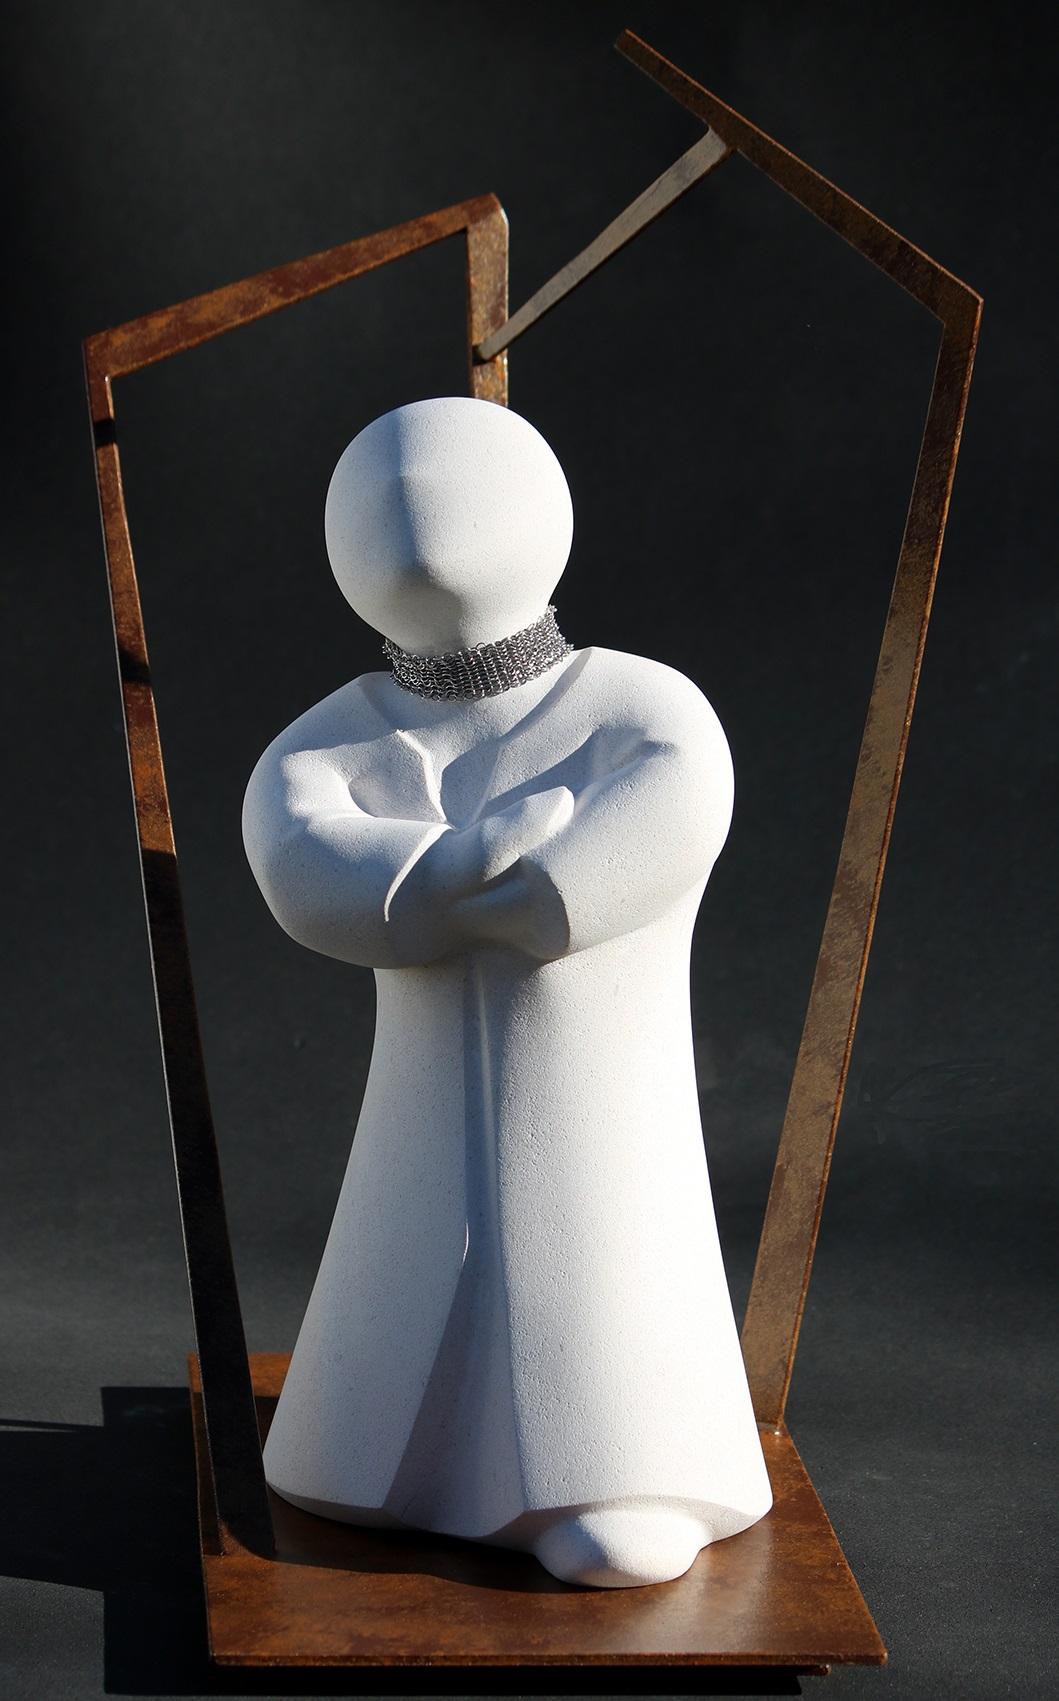 Rêverie - Pierre de Lens et acier peint - 48x38x30 cm